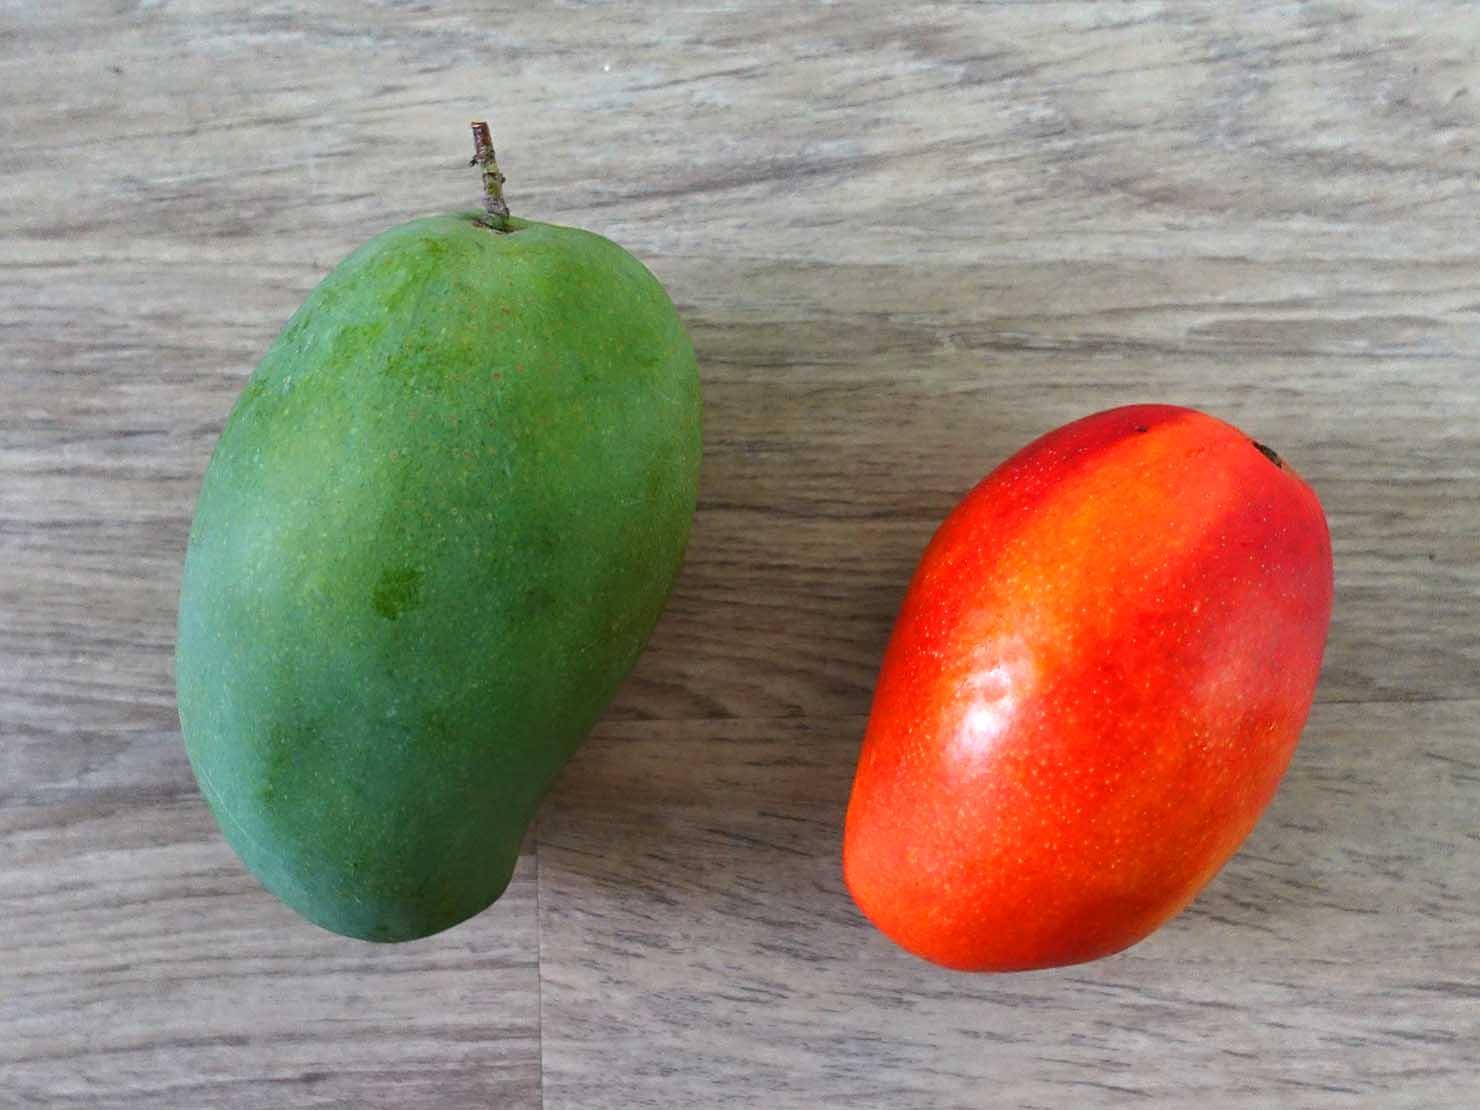 台湾のちょっと珍しい緑のマンゴー「烏香芒果」と定番の赤いマンゴー「愛文芒果」